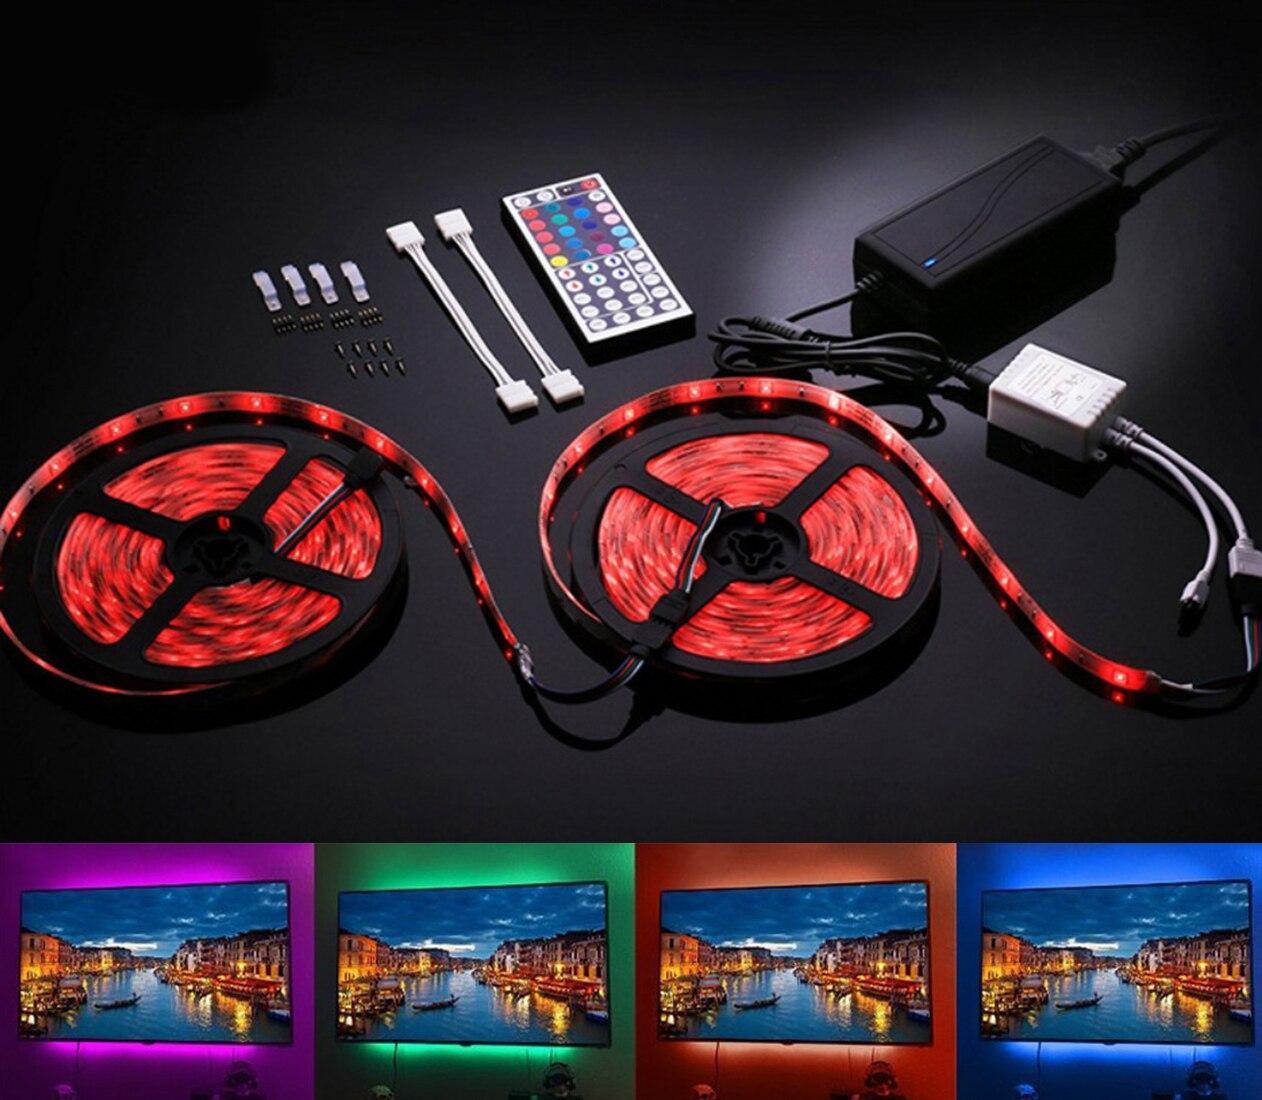 RGB LED bande étanche 10 M 300 LED DC 12 V SMD 5050 lumière LED bandes flexibles néon bande Monochrome UK/EU prise